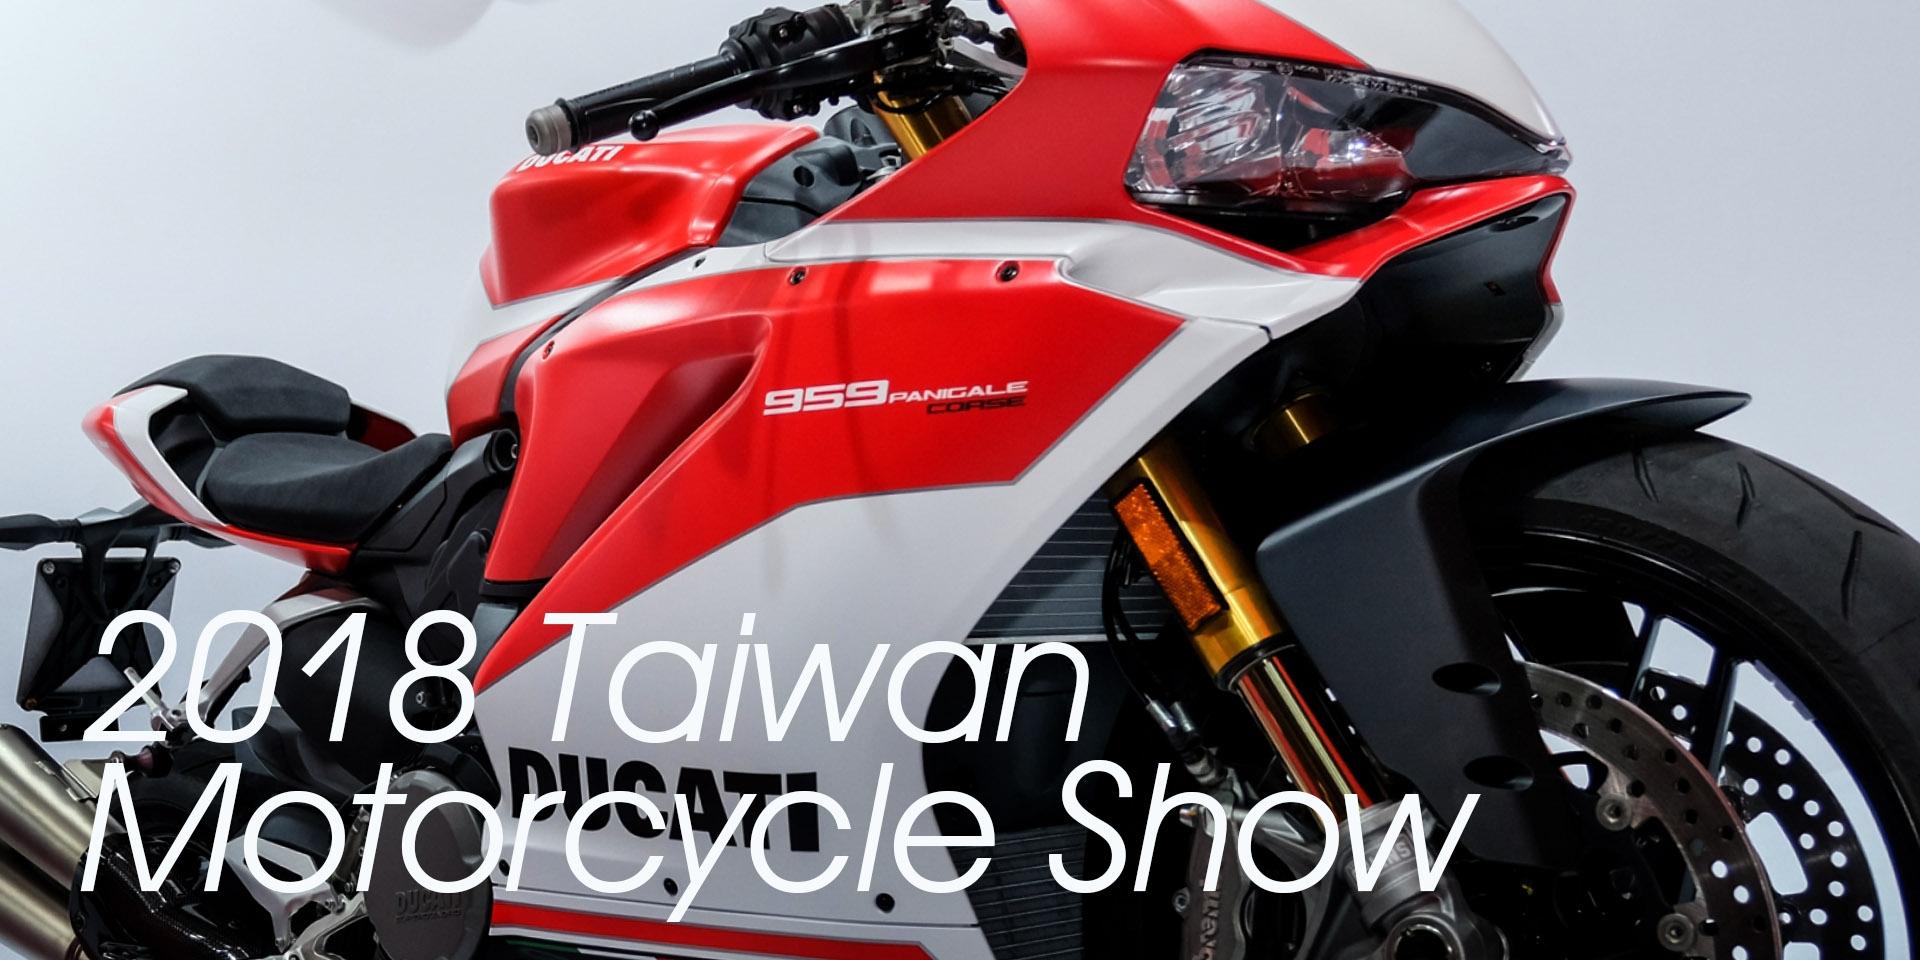 2018國際重型機車展。Ducati Panigale V4S/Speciale 現場開放車迷試跨